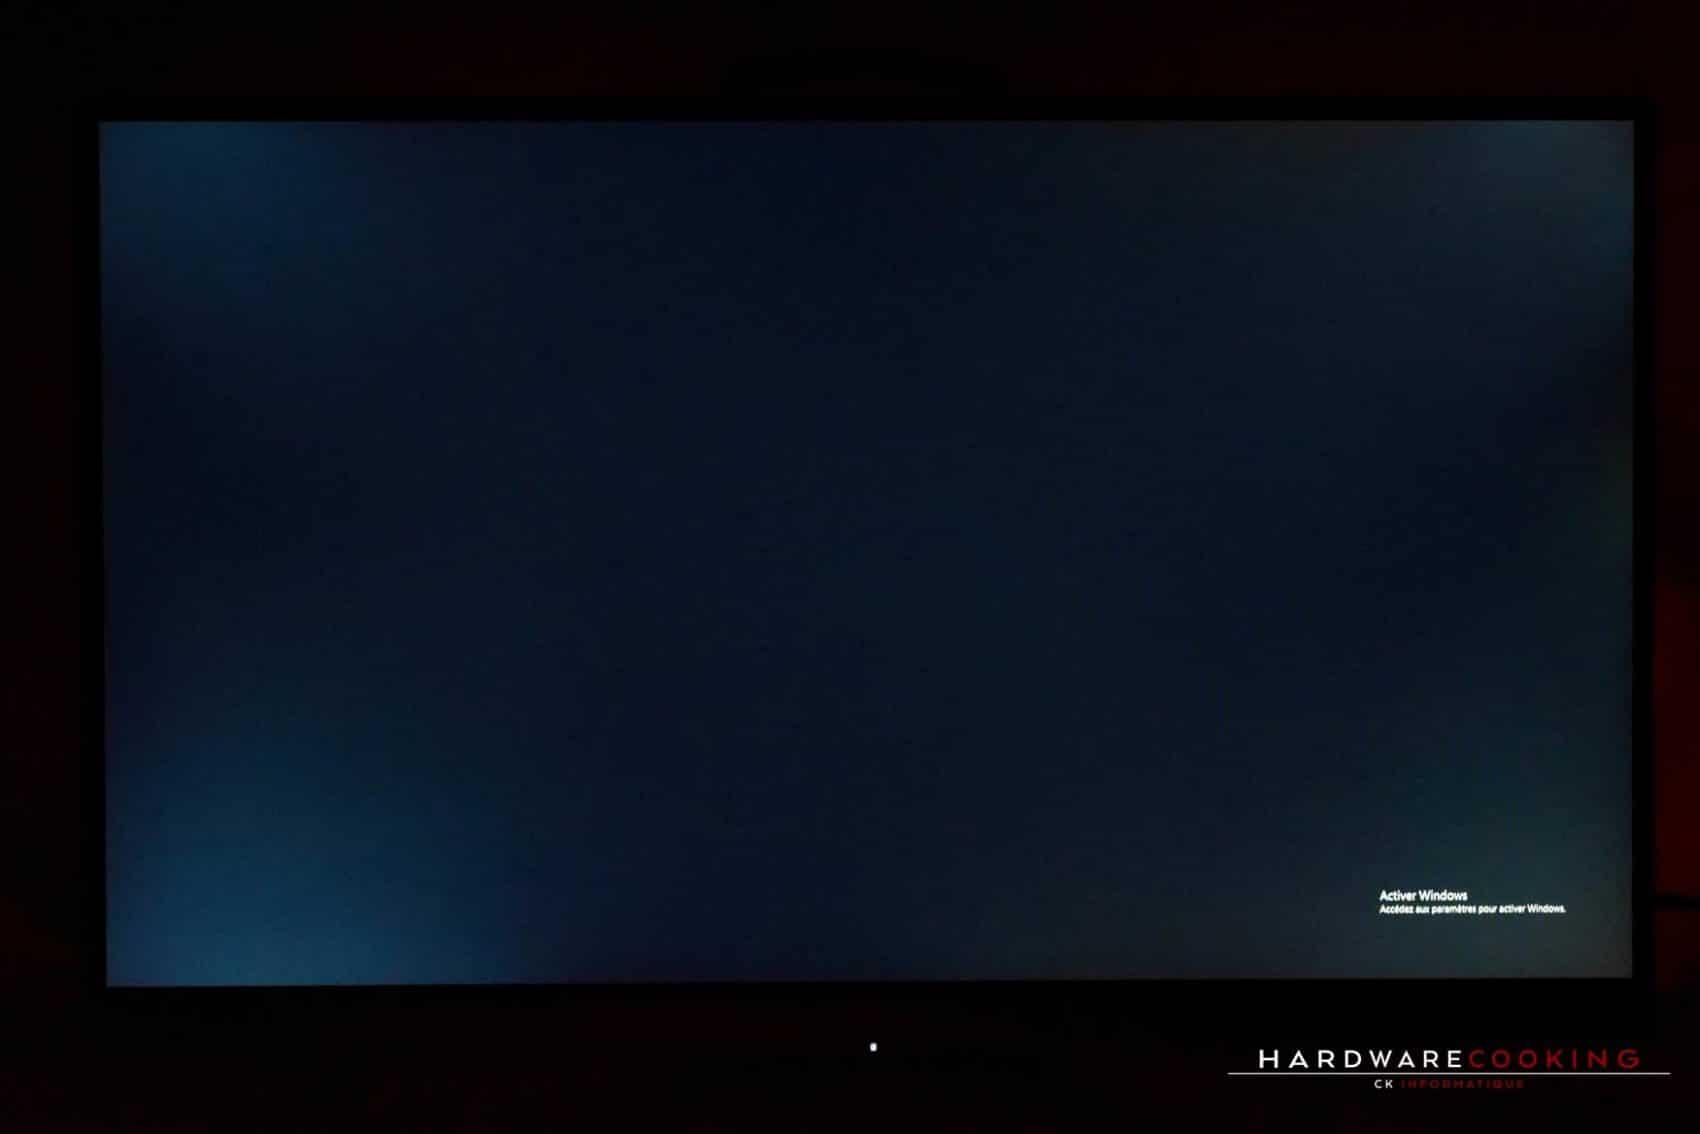 Test écran gamer AORUS AD27QD fuite de lumière